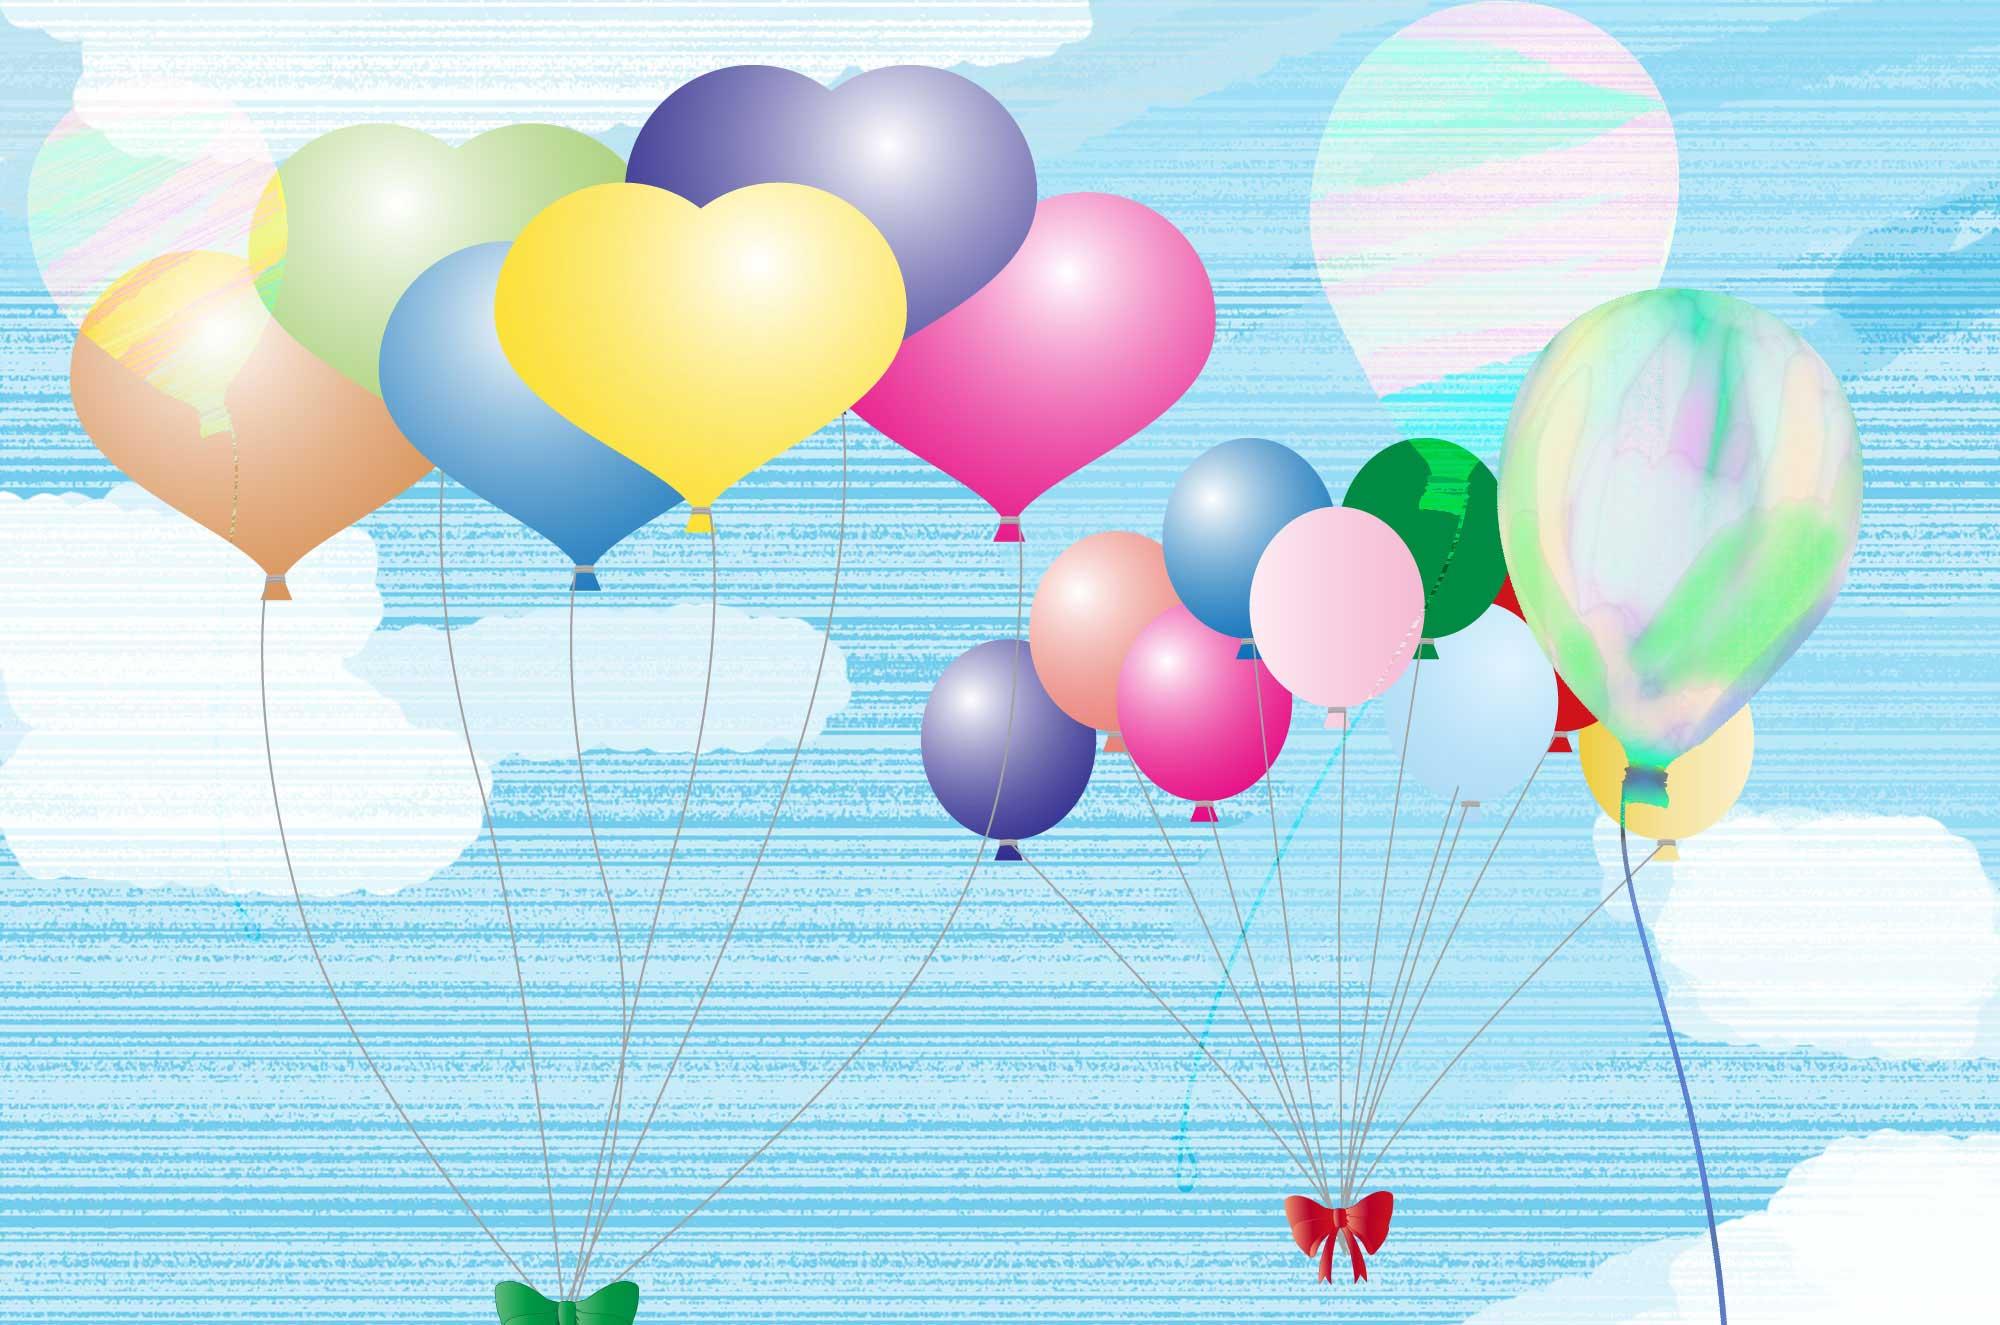 風船イラスト無料素材 - 手書き風やハートの可愛い形も!